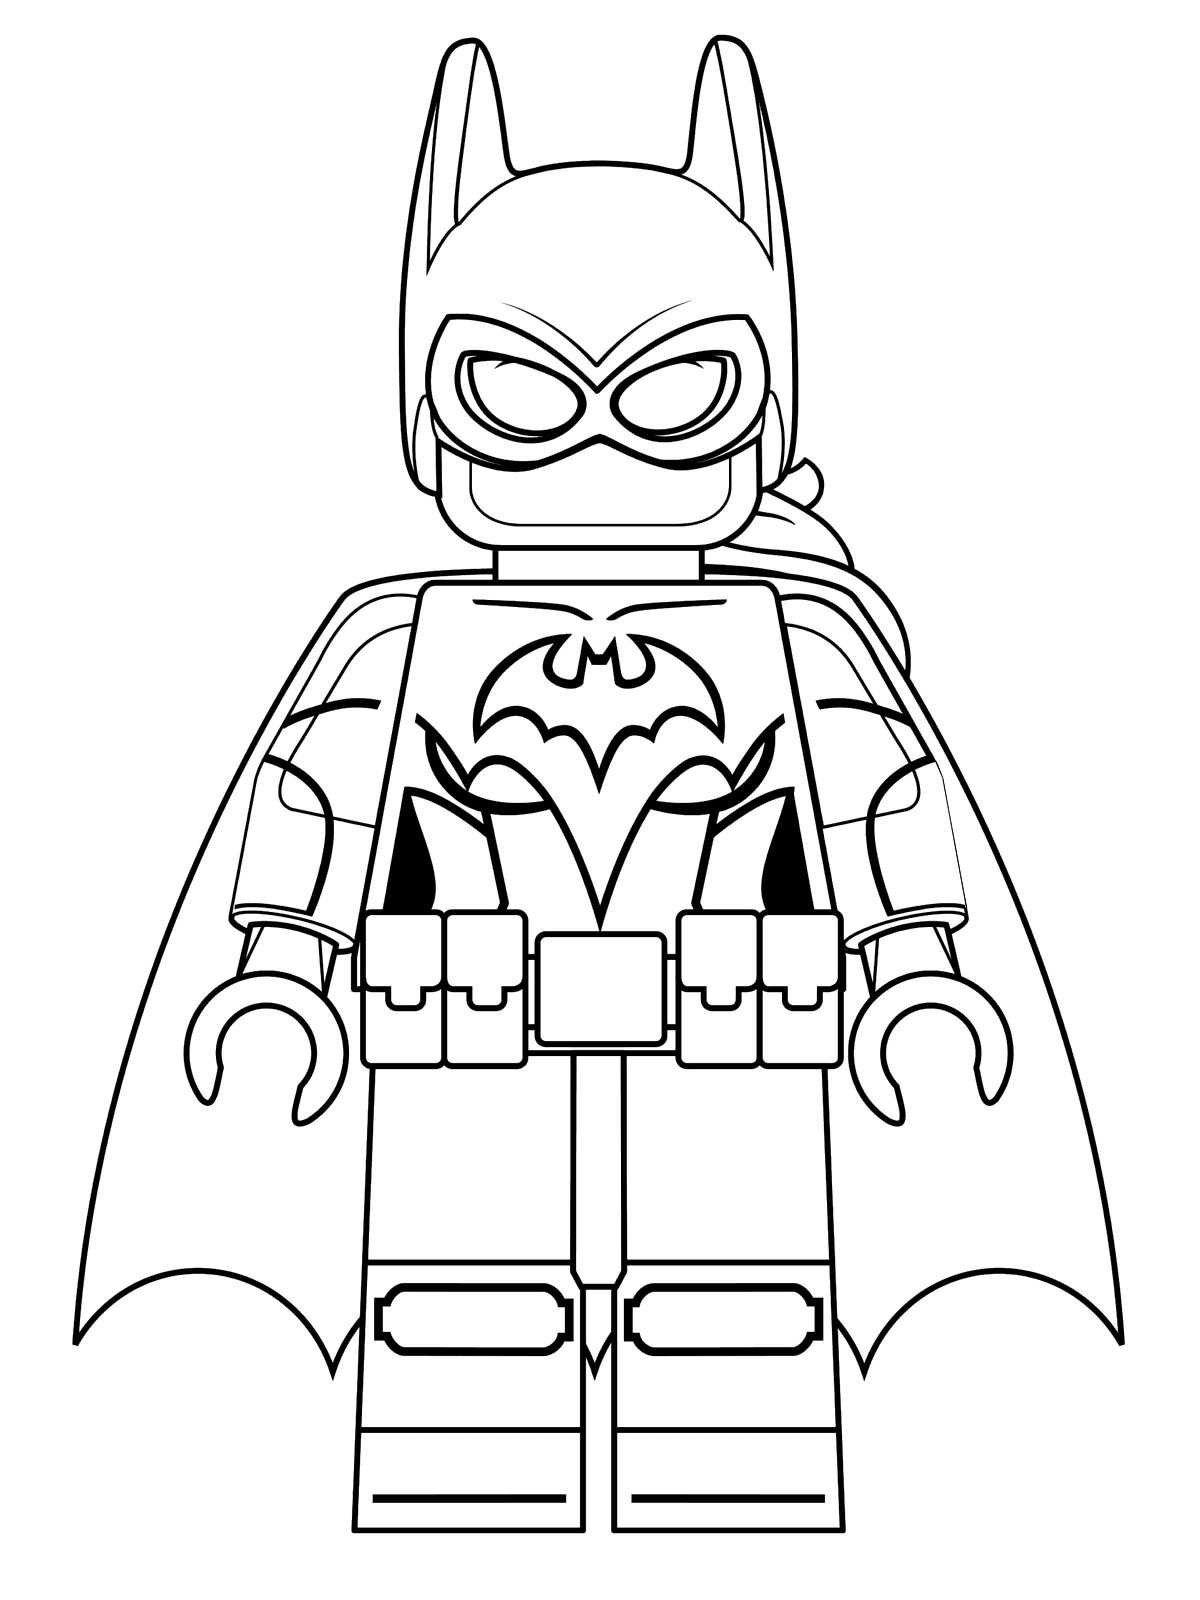 Stampa E Colora Disney Fantastico Disegno 2 Di Lego Batman Da Colorare Of Stampa E Colora D Disegni Da Colorare Lego Disegni Da Colorare Compleanno Batman Lego